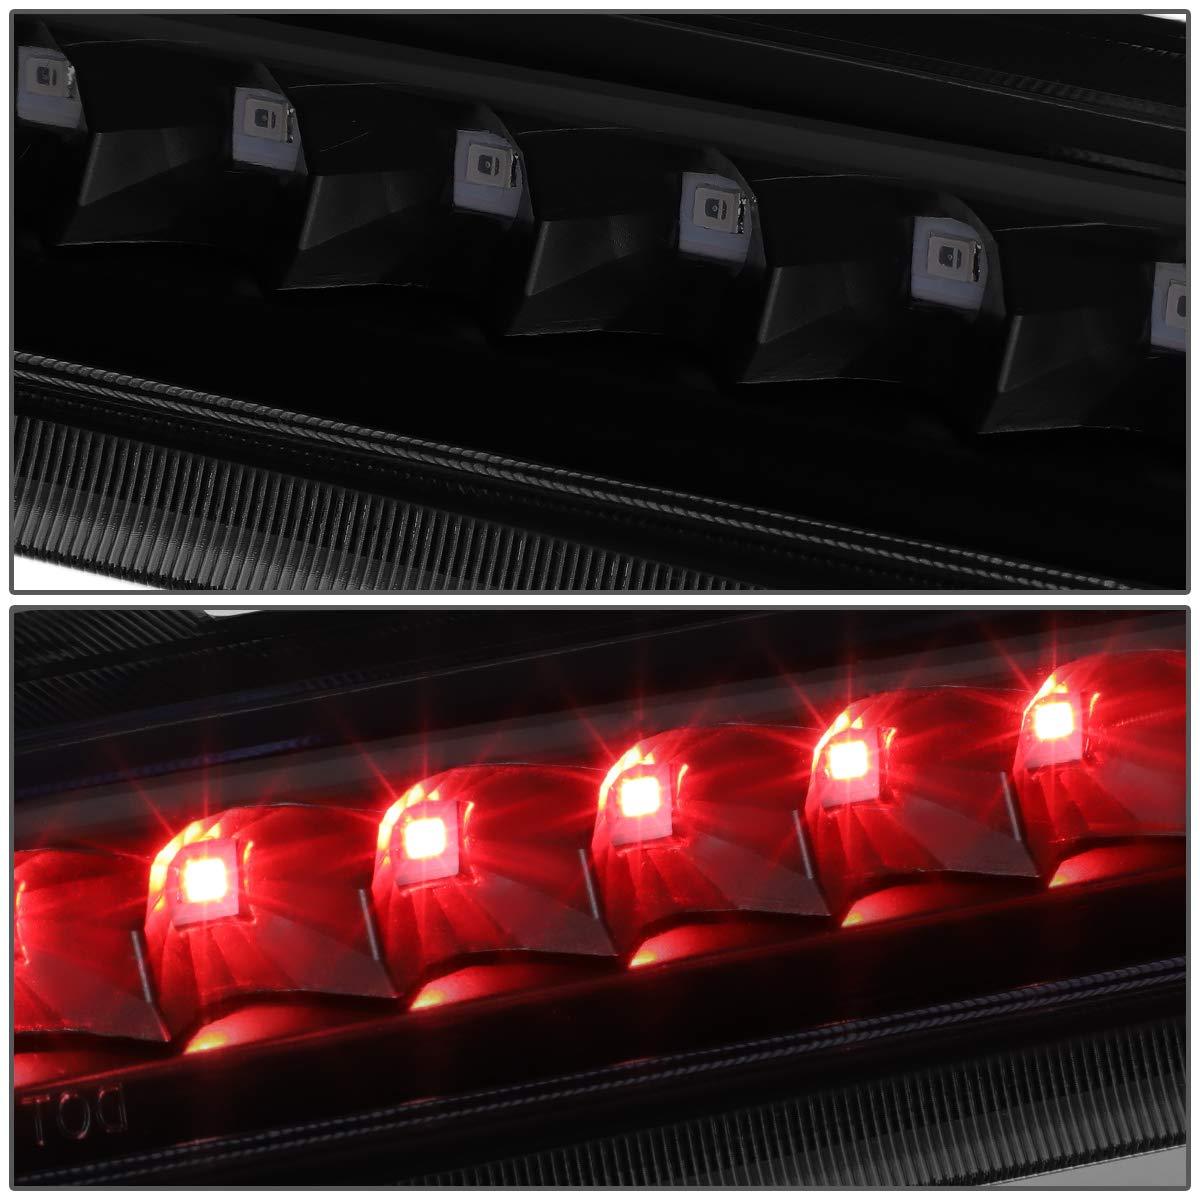 DNA MOTORING 3BL-CTRAIL04-LED-BK-SM Rear Center Full LED Third 3rd Tail Brake Light Lamp Bar Assembly